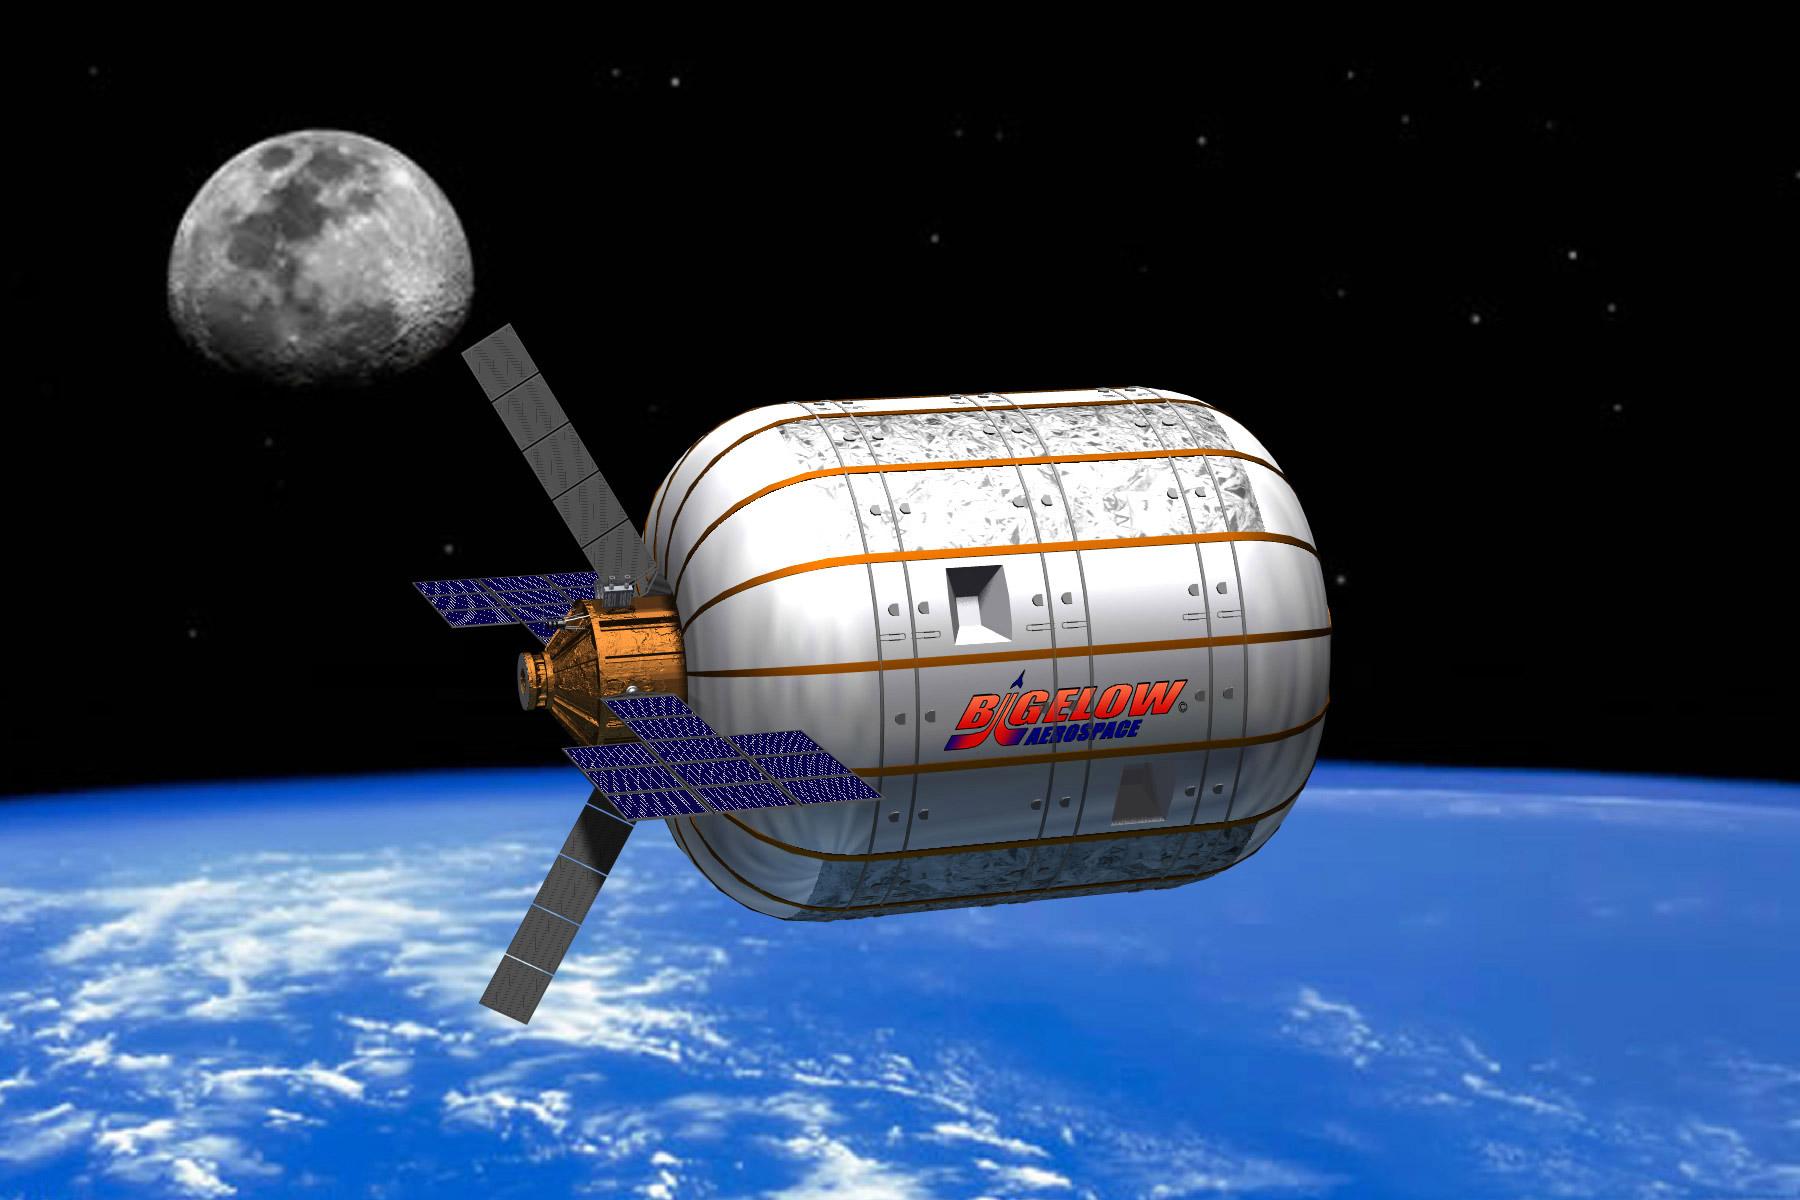 El primer hotel espacial podría llegar en 2020 gracias a los hábitats hinchables